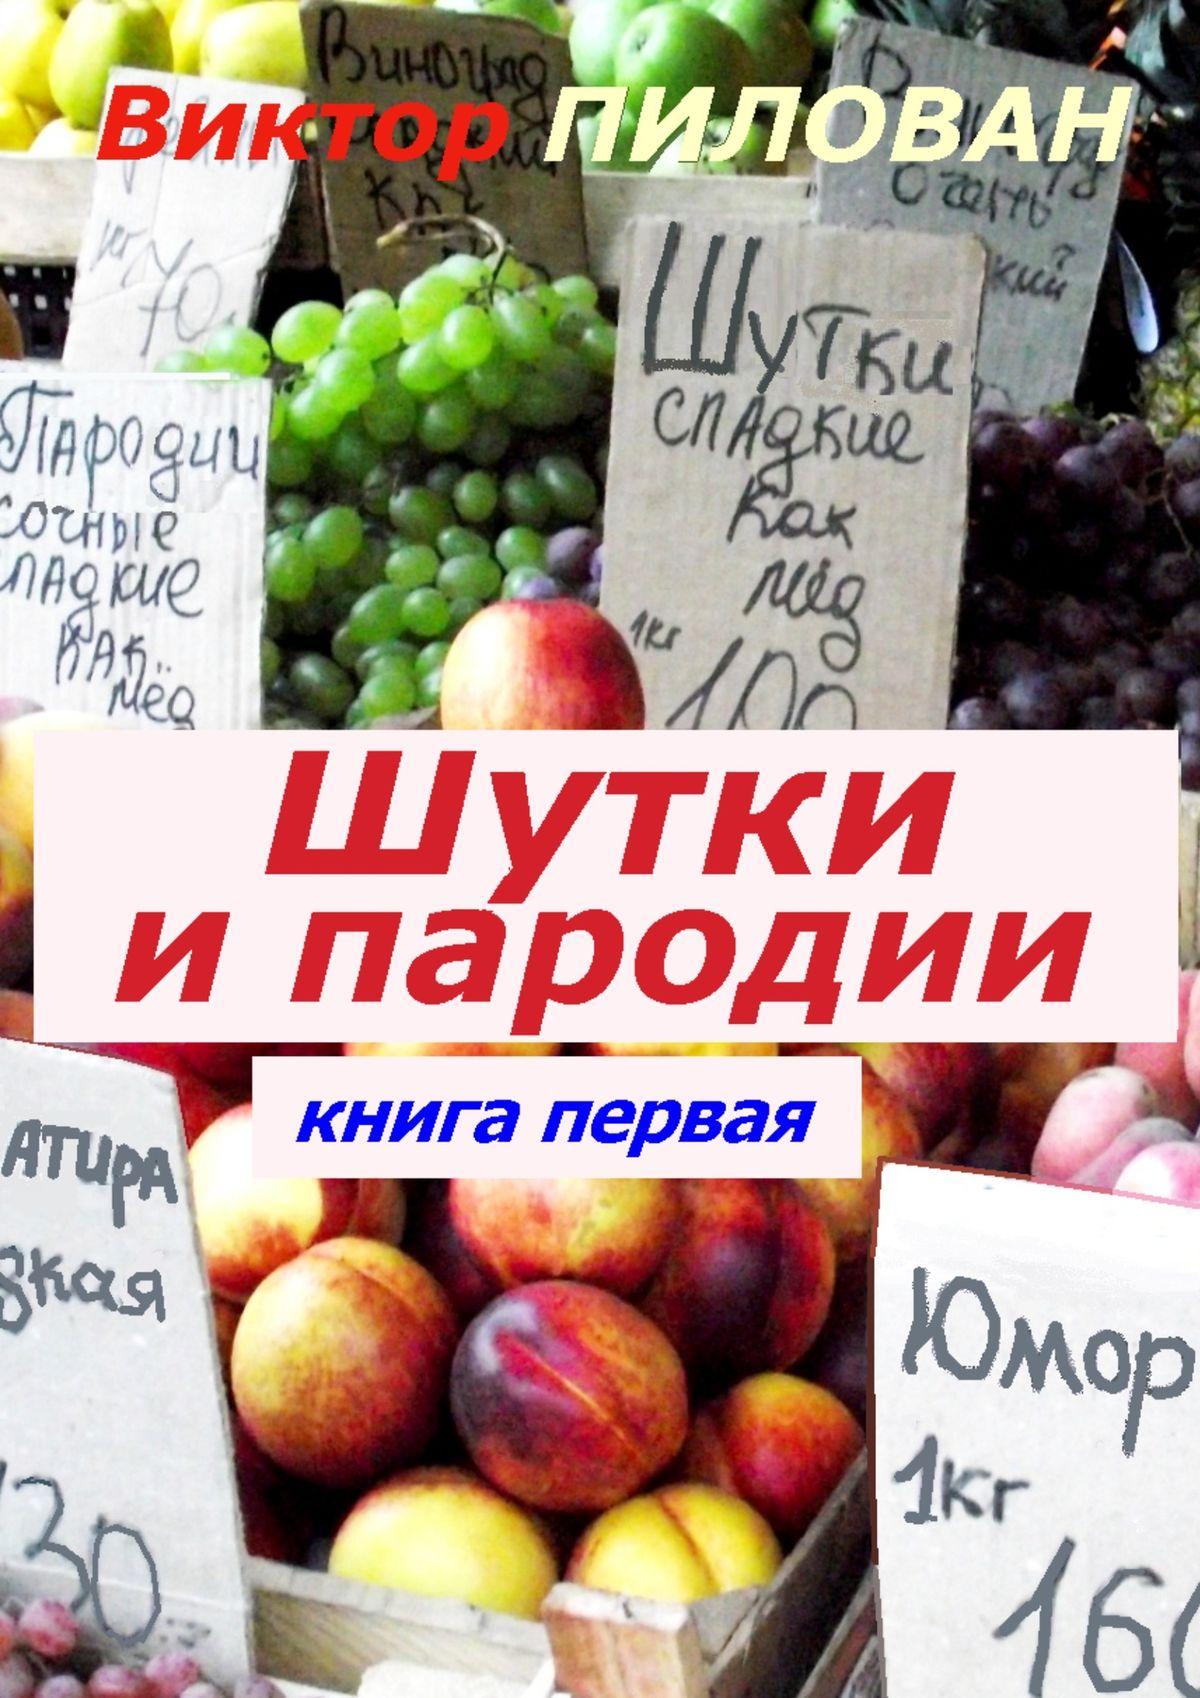 Виктор Пилован Шутки и пародии. Книга первая виктор пилован шутки ипародии книга вторая